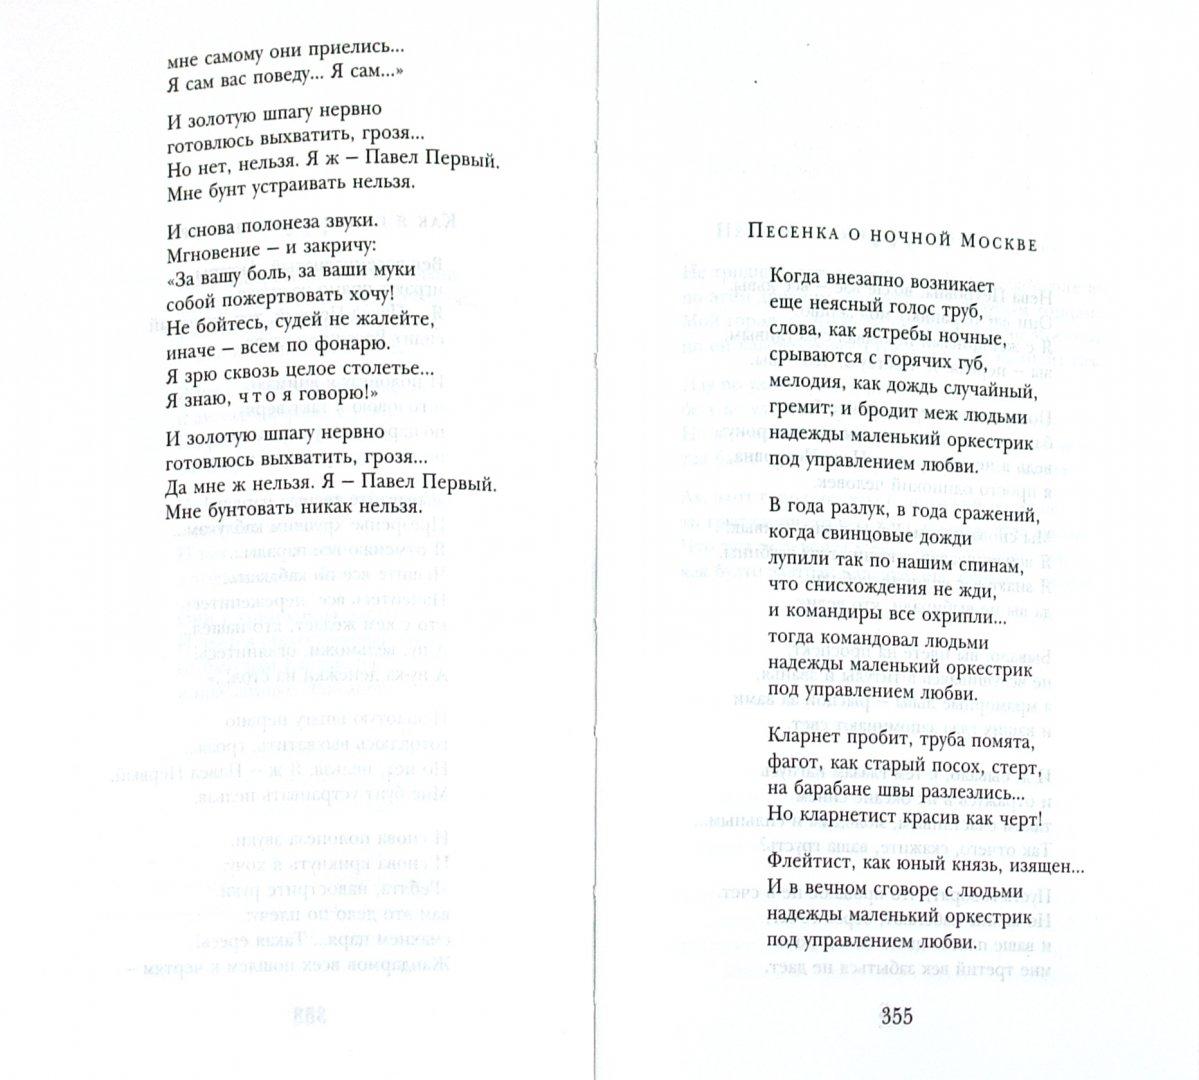 Иллюстрация 1 из 7 для Свидание с Бонапартом; Частная жизнь Александра Сергеича; Стихотворения - Булат Окуджава   Лабиринт - книги. Источник: Лабиринт